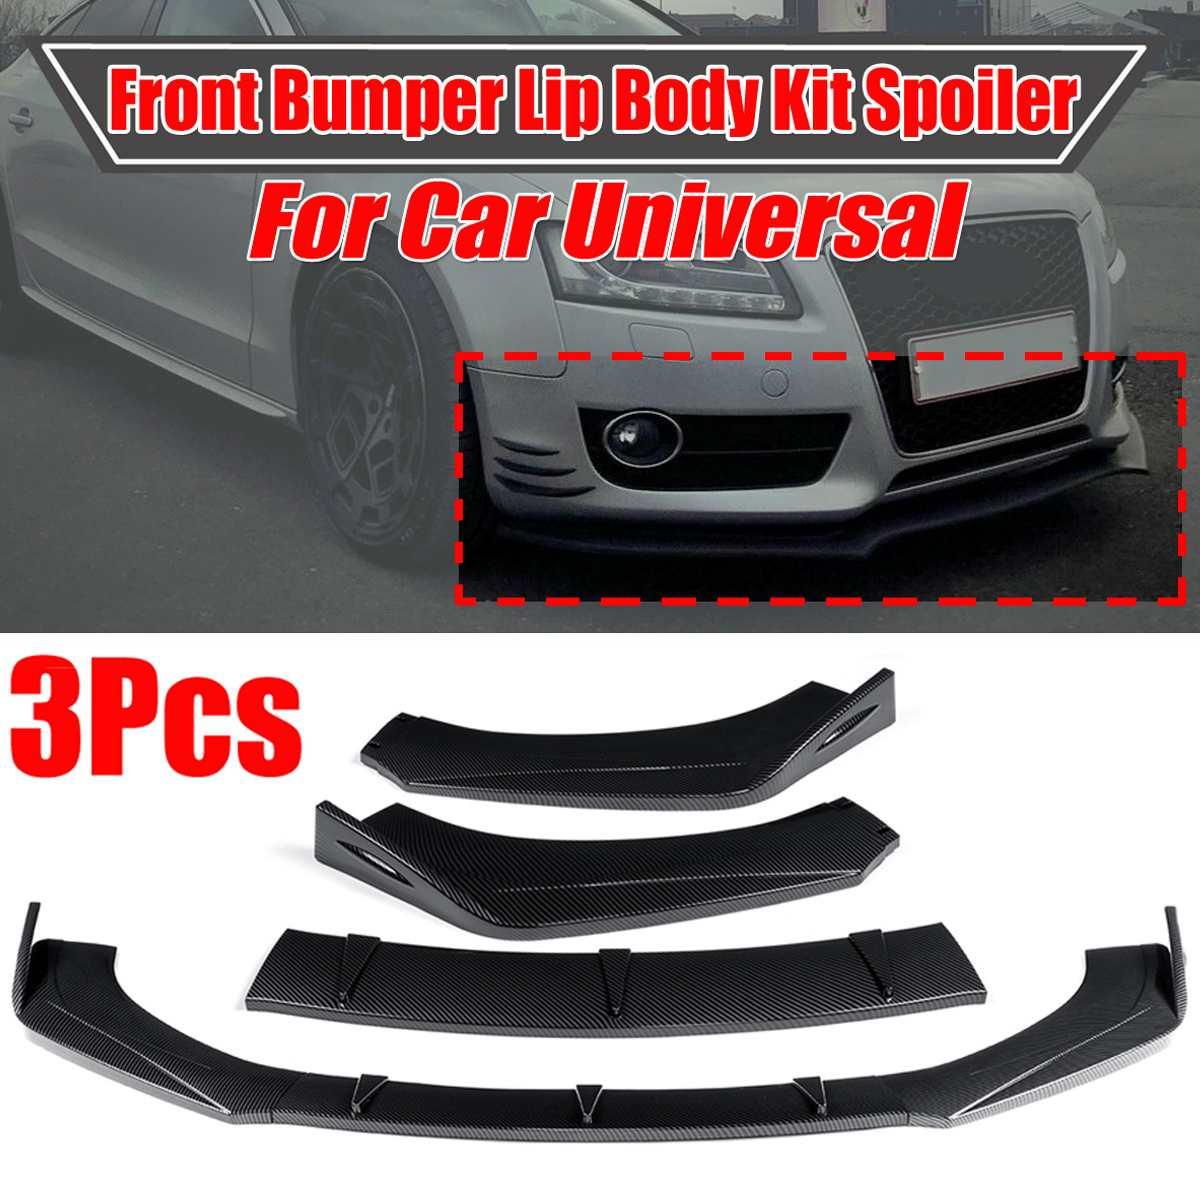 Neue Universal Auto Front Stoßstange Splitter Lip Body Kit Spoiler Diffusor Für Audi A5 Sline S5 RS5 09-16 für BMW Für Benz Für Mazad